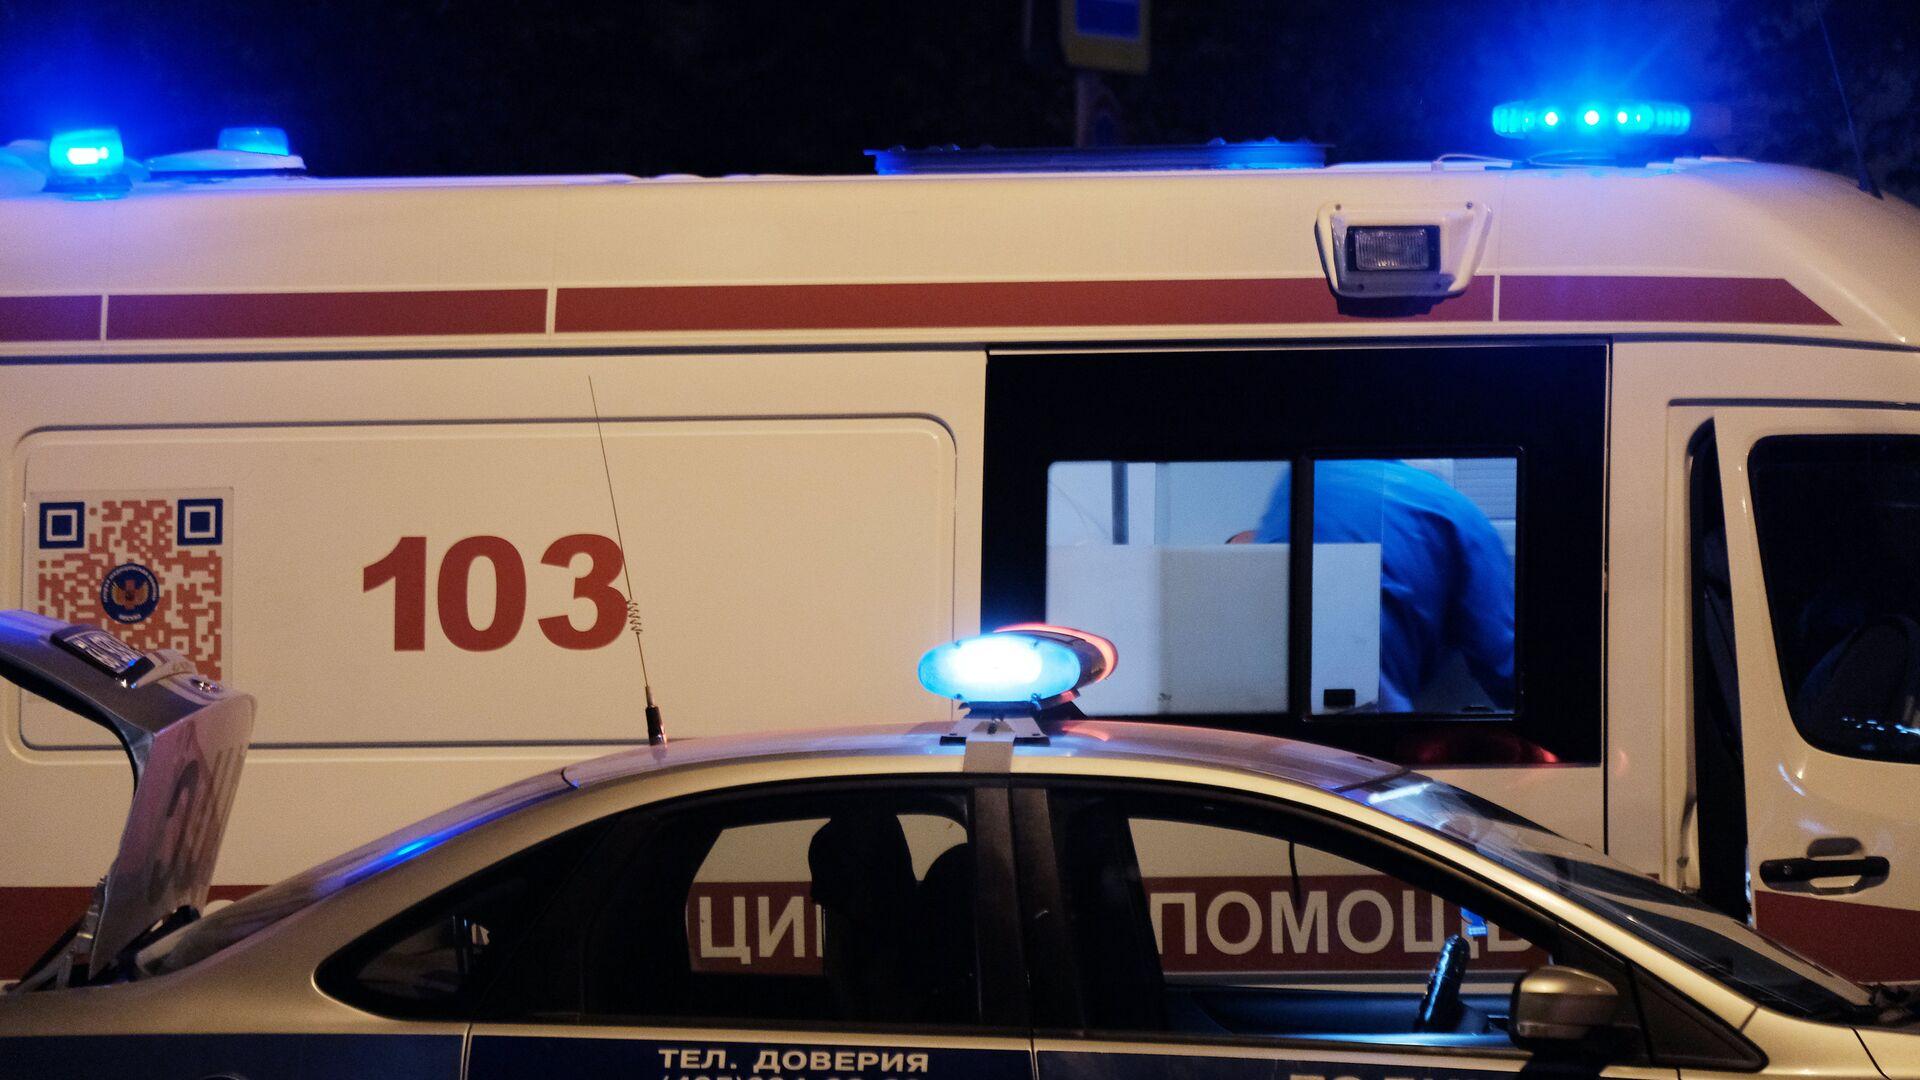 Собчак заявила, что не получала сообщений от подруги погибшей в ДТП женщины